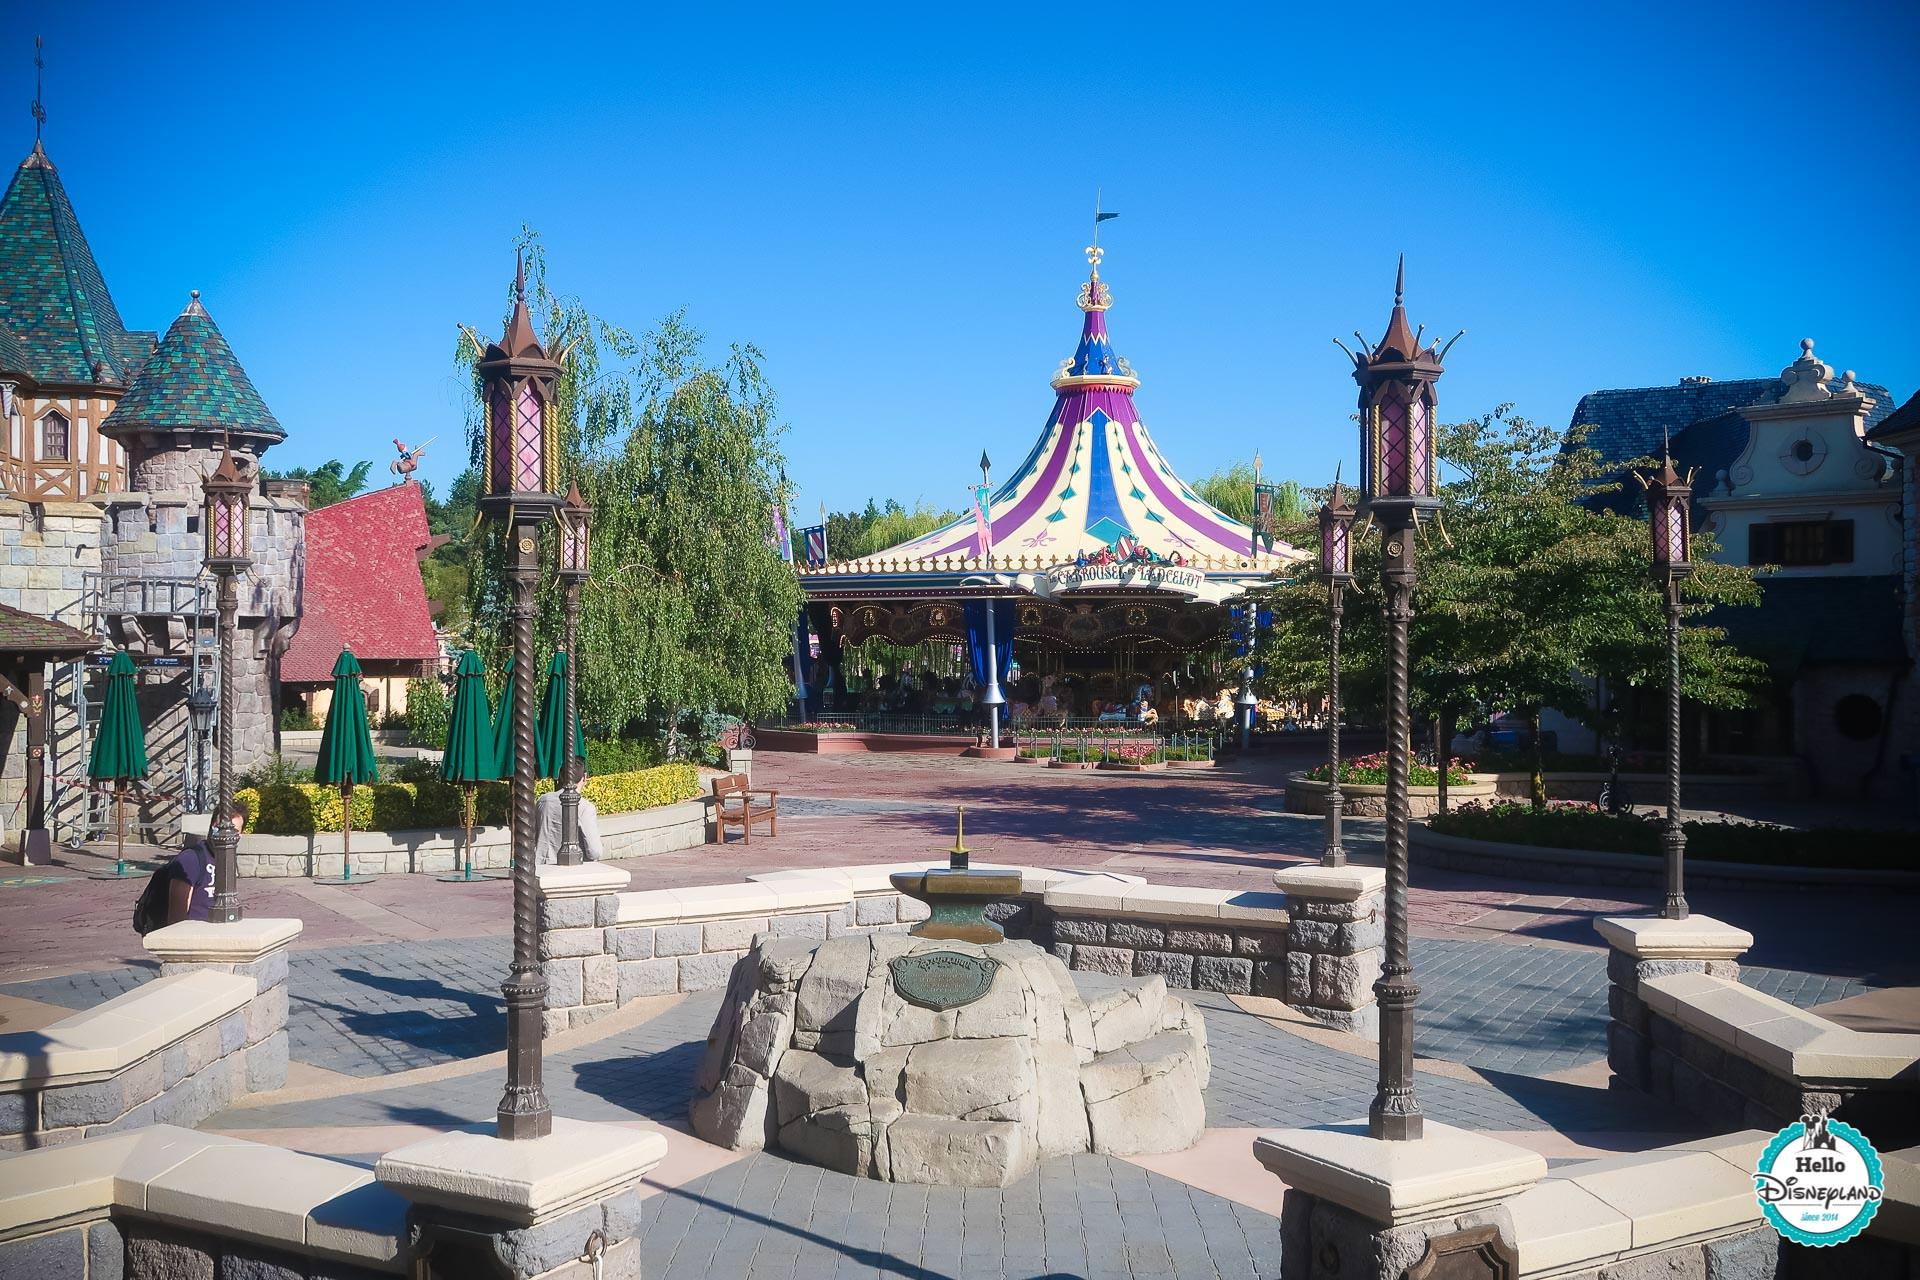 Disneyland Paris pendant le confinement